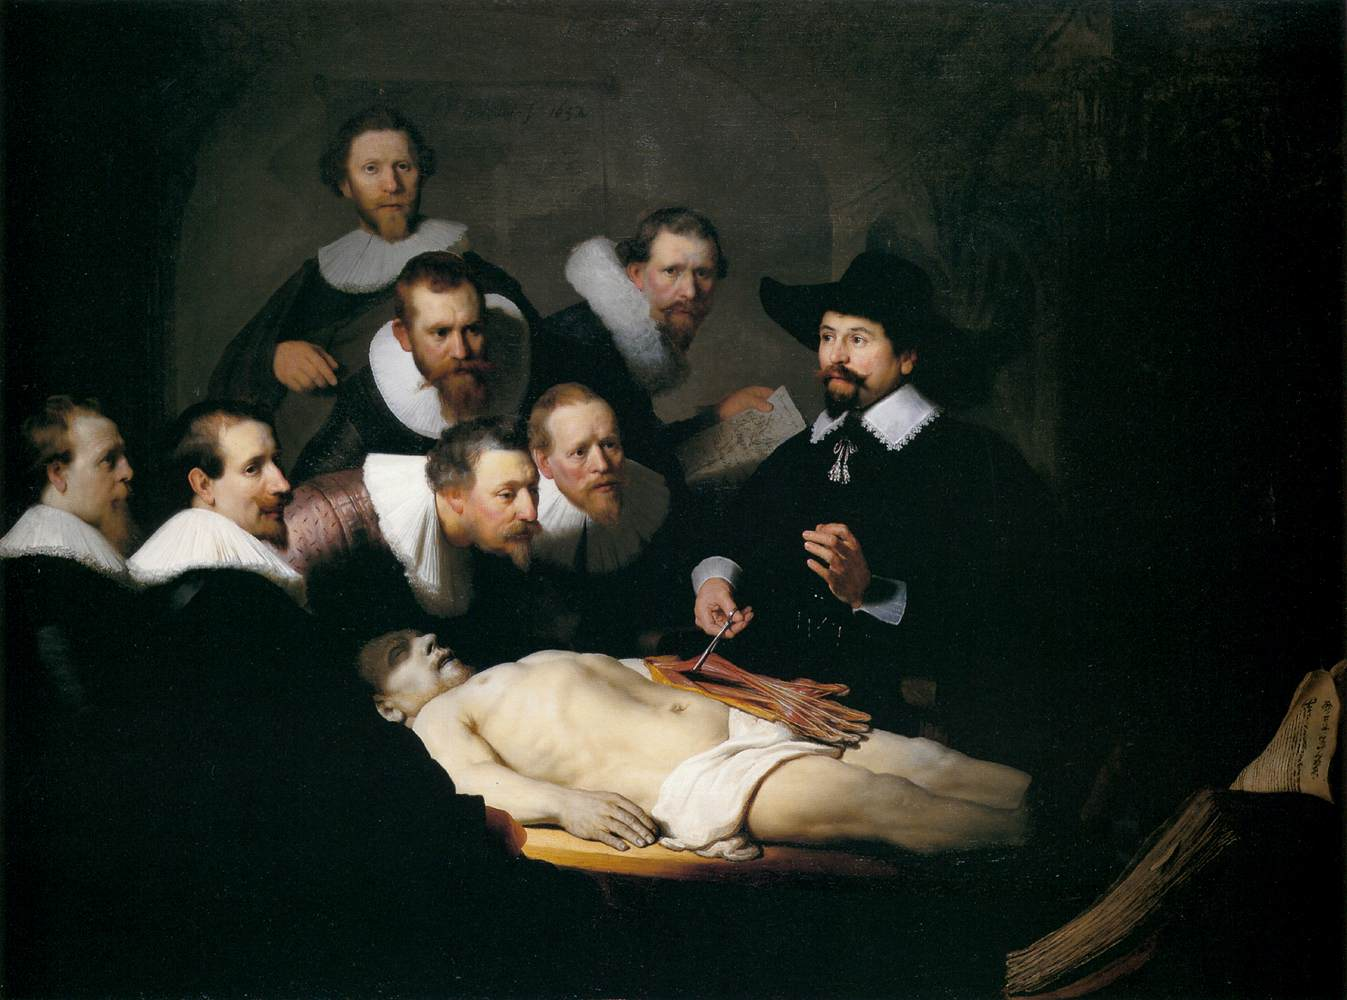 Más clases de arte: Rembrandt, La lección de anatomía del profesor ...